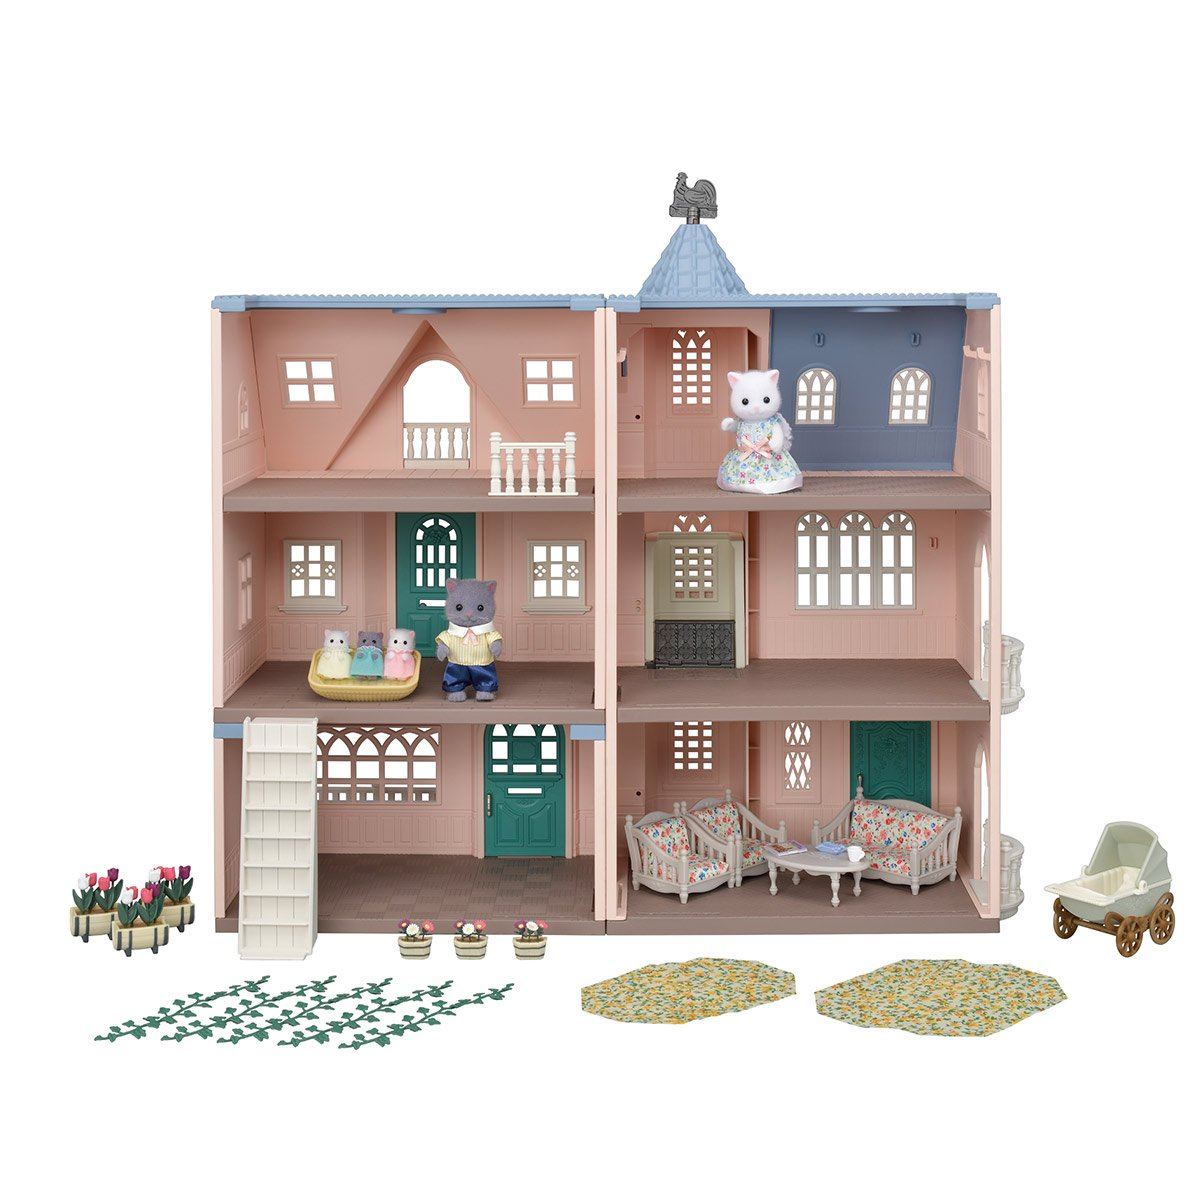 Le Coffret 3 Maisons Et Accessoires Sylvanian Families Edition 35 Ans Les Heros Et Personnages La Grande Recre